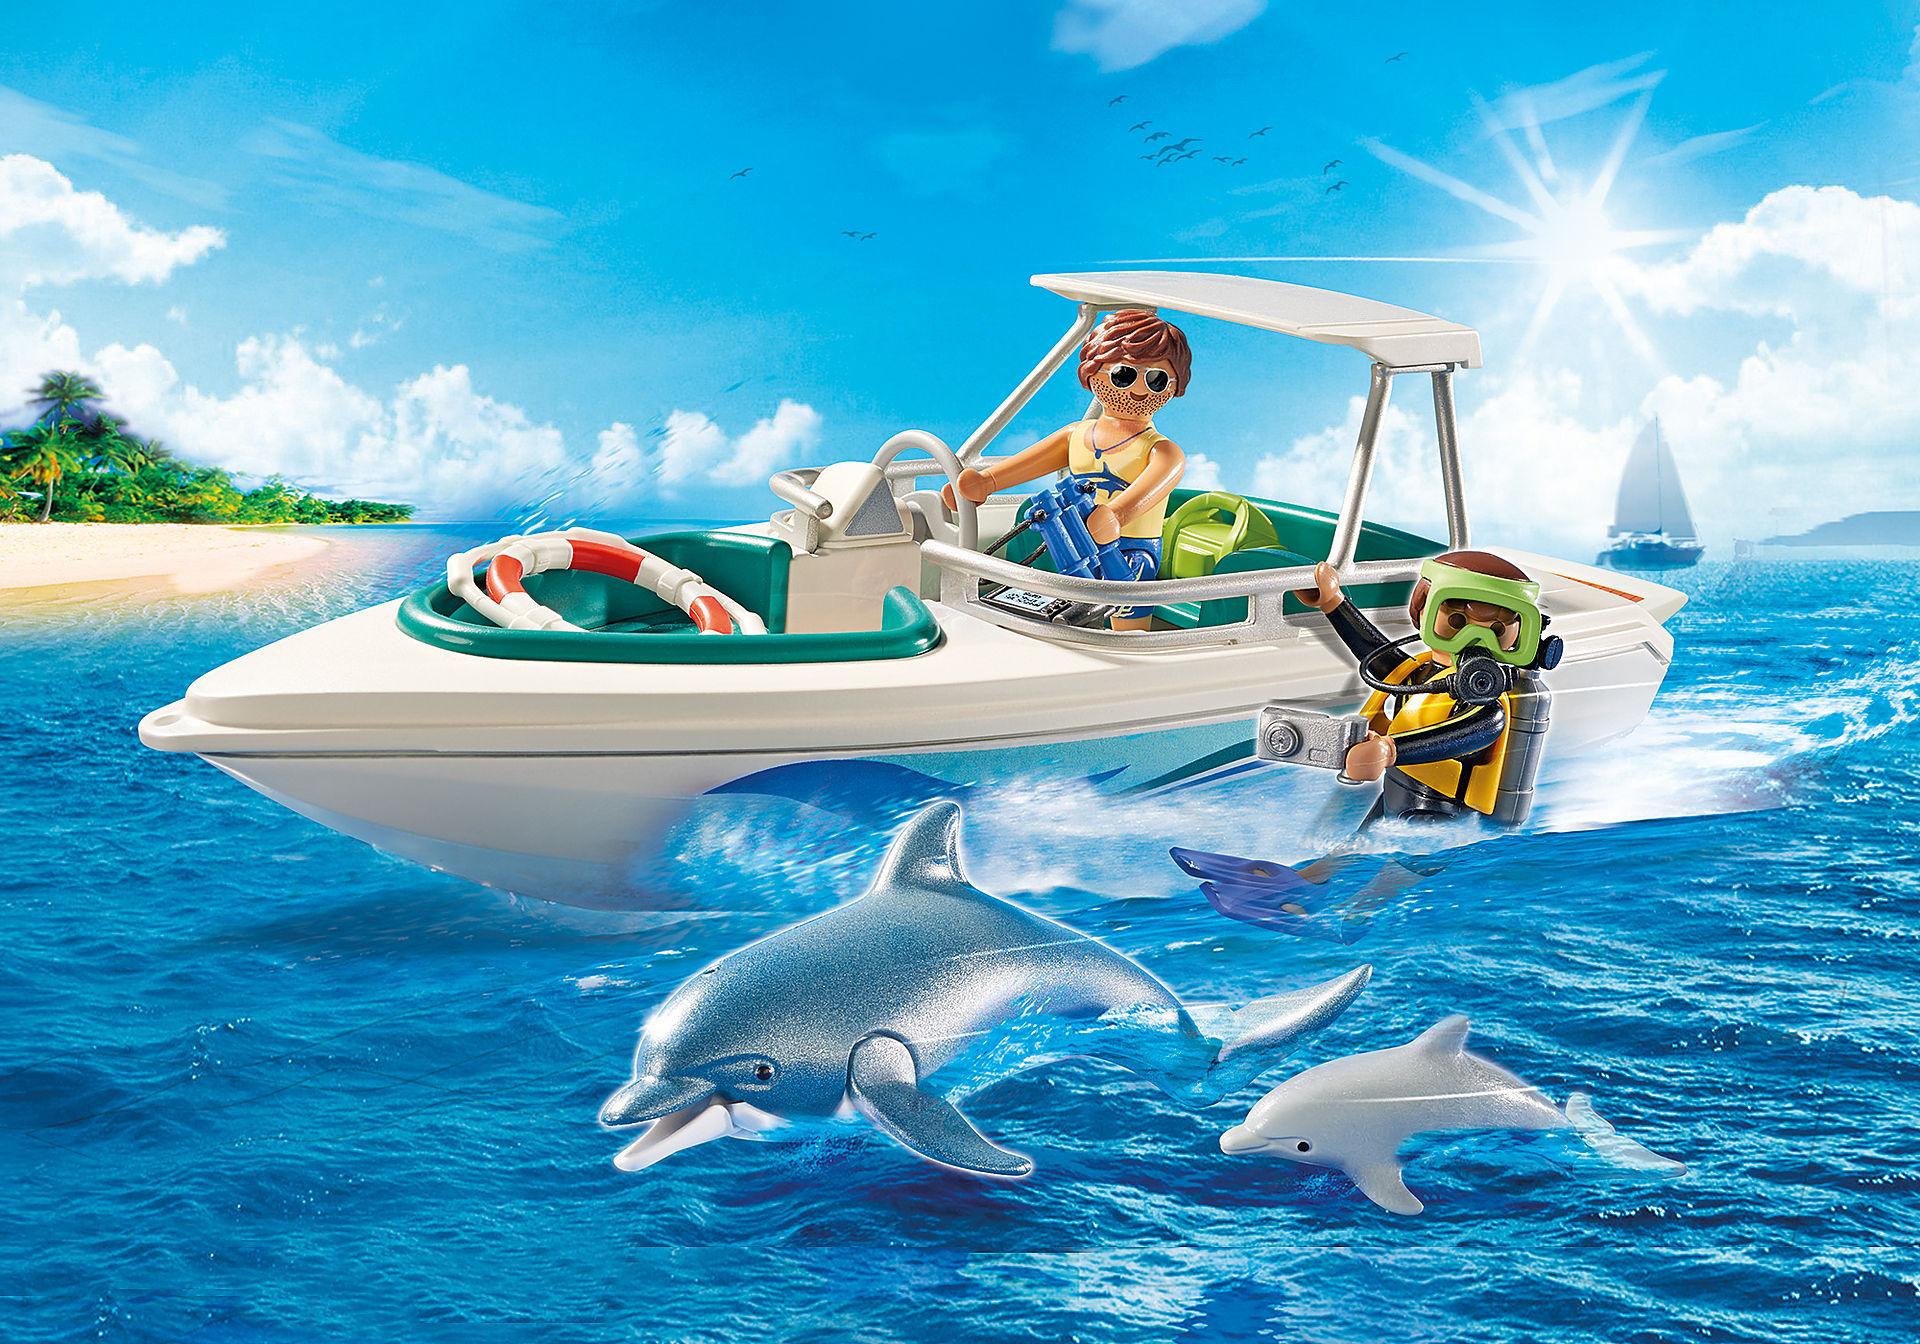 6981 Equipa de Mergulho com Barco zoom image1